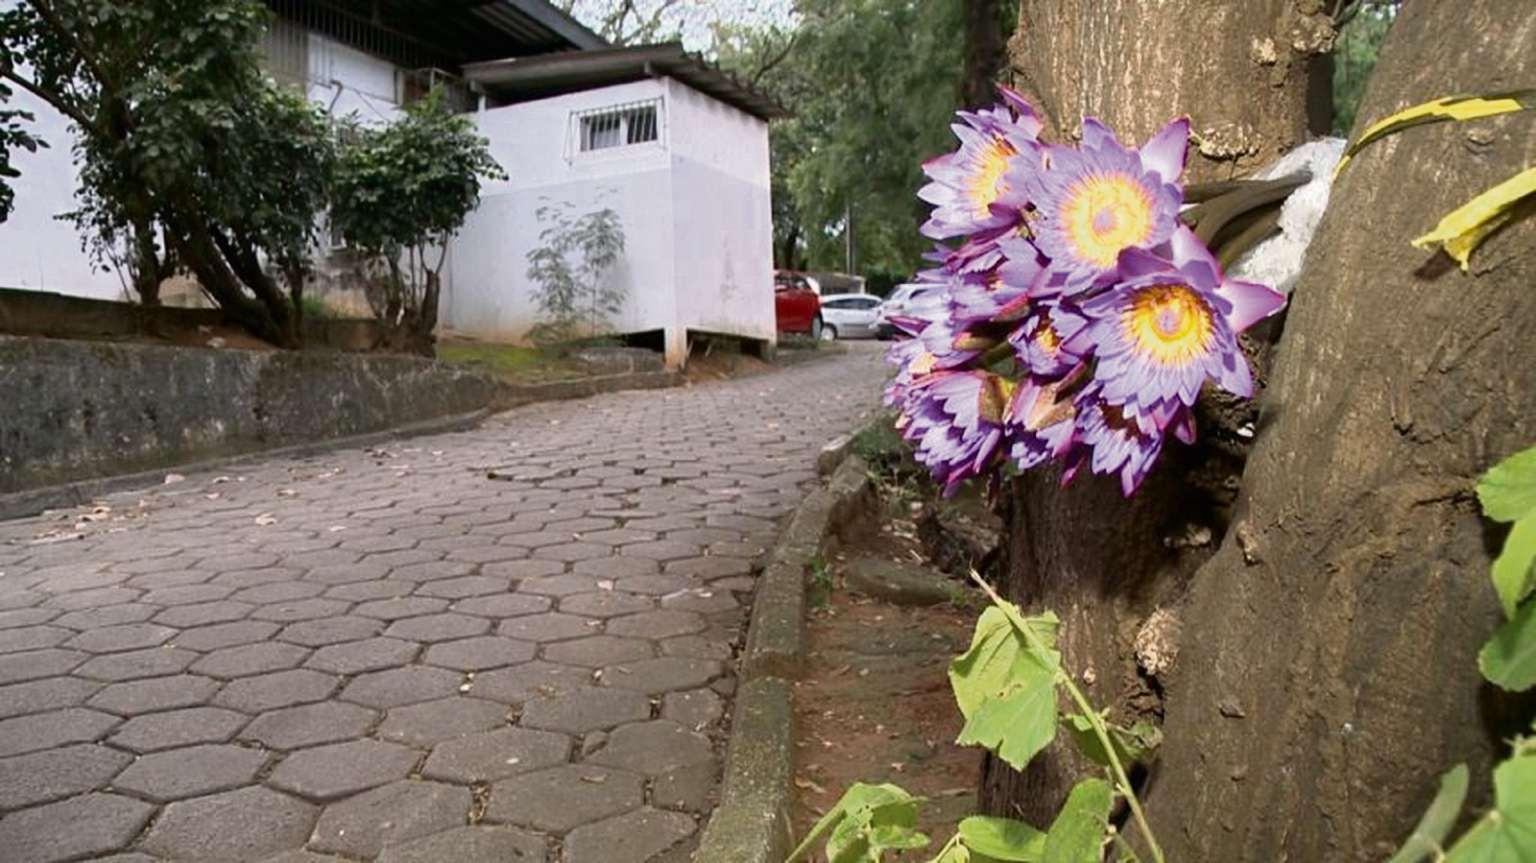 Buquê de flor de lótus colocado no estacionamento da Hucam, onde a  médica Milena Gottardi Tonini Frasson foi assassinada. Crédito: TV Gazeta